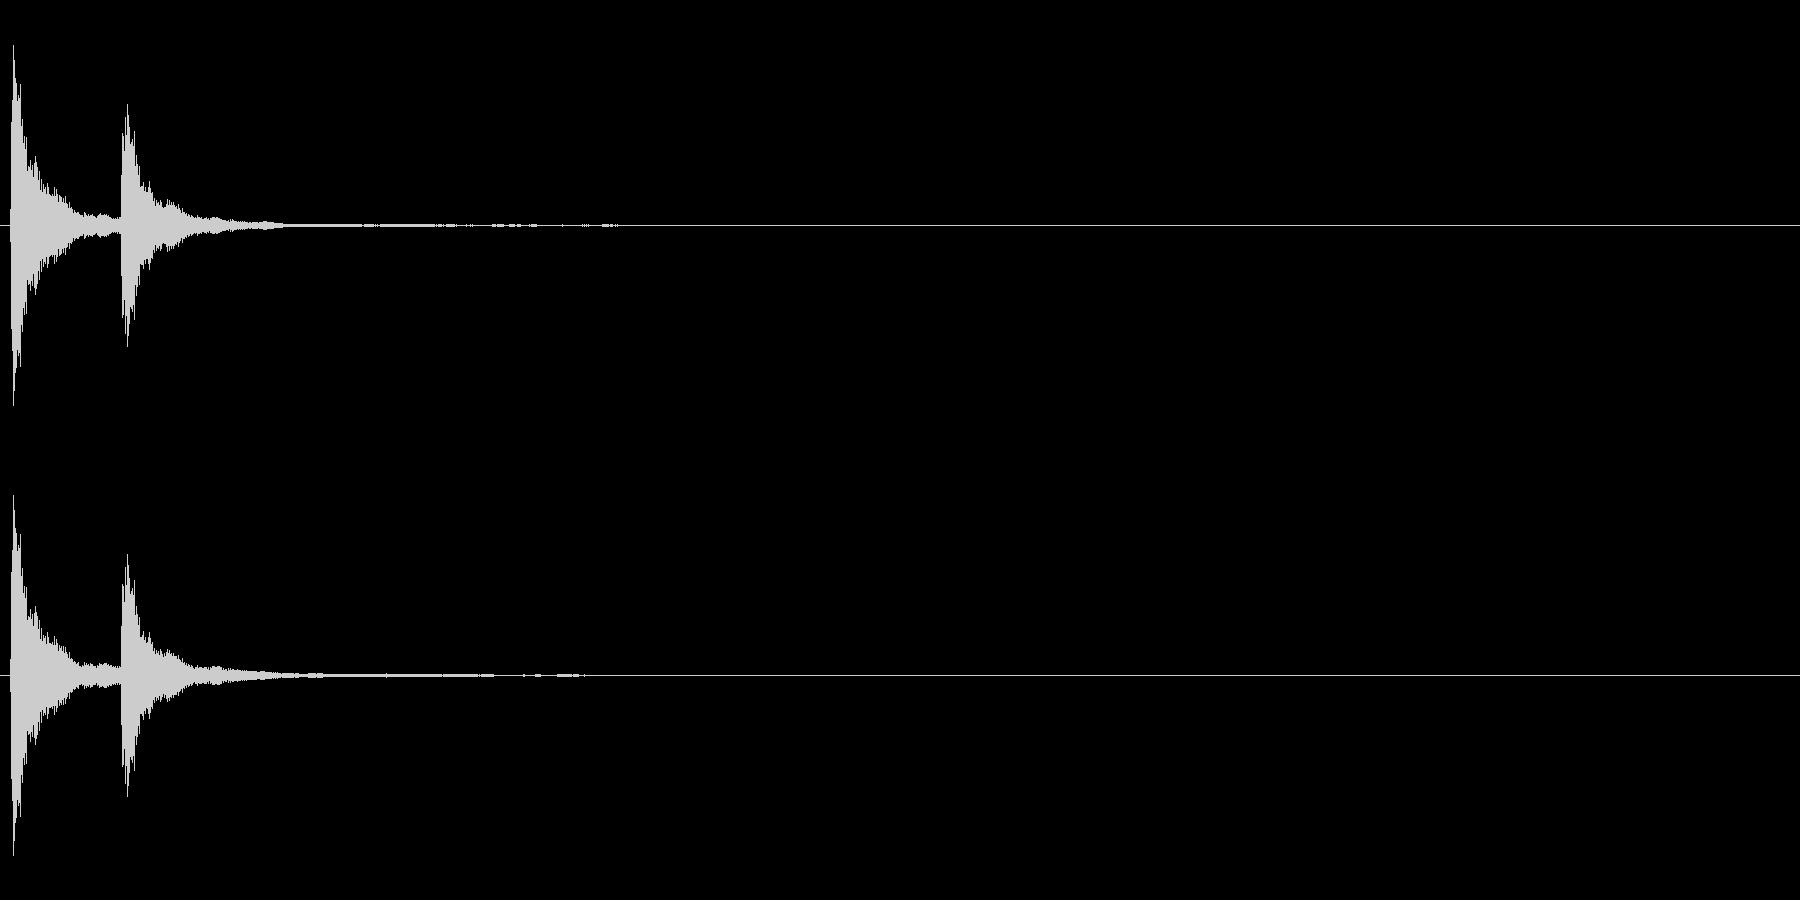 音侍「チチン」当たり鉦の連打音リバーブの未再生の波形